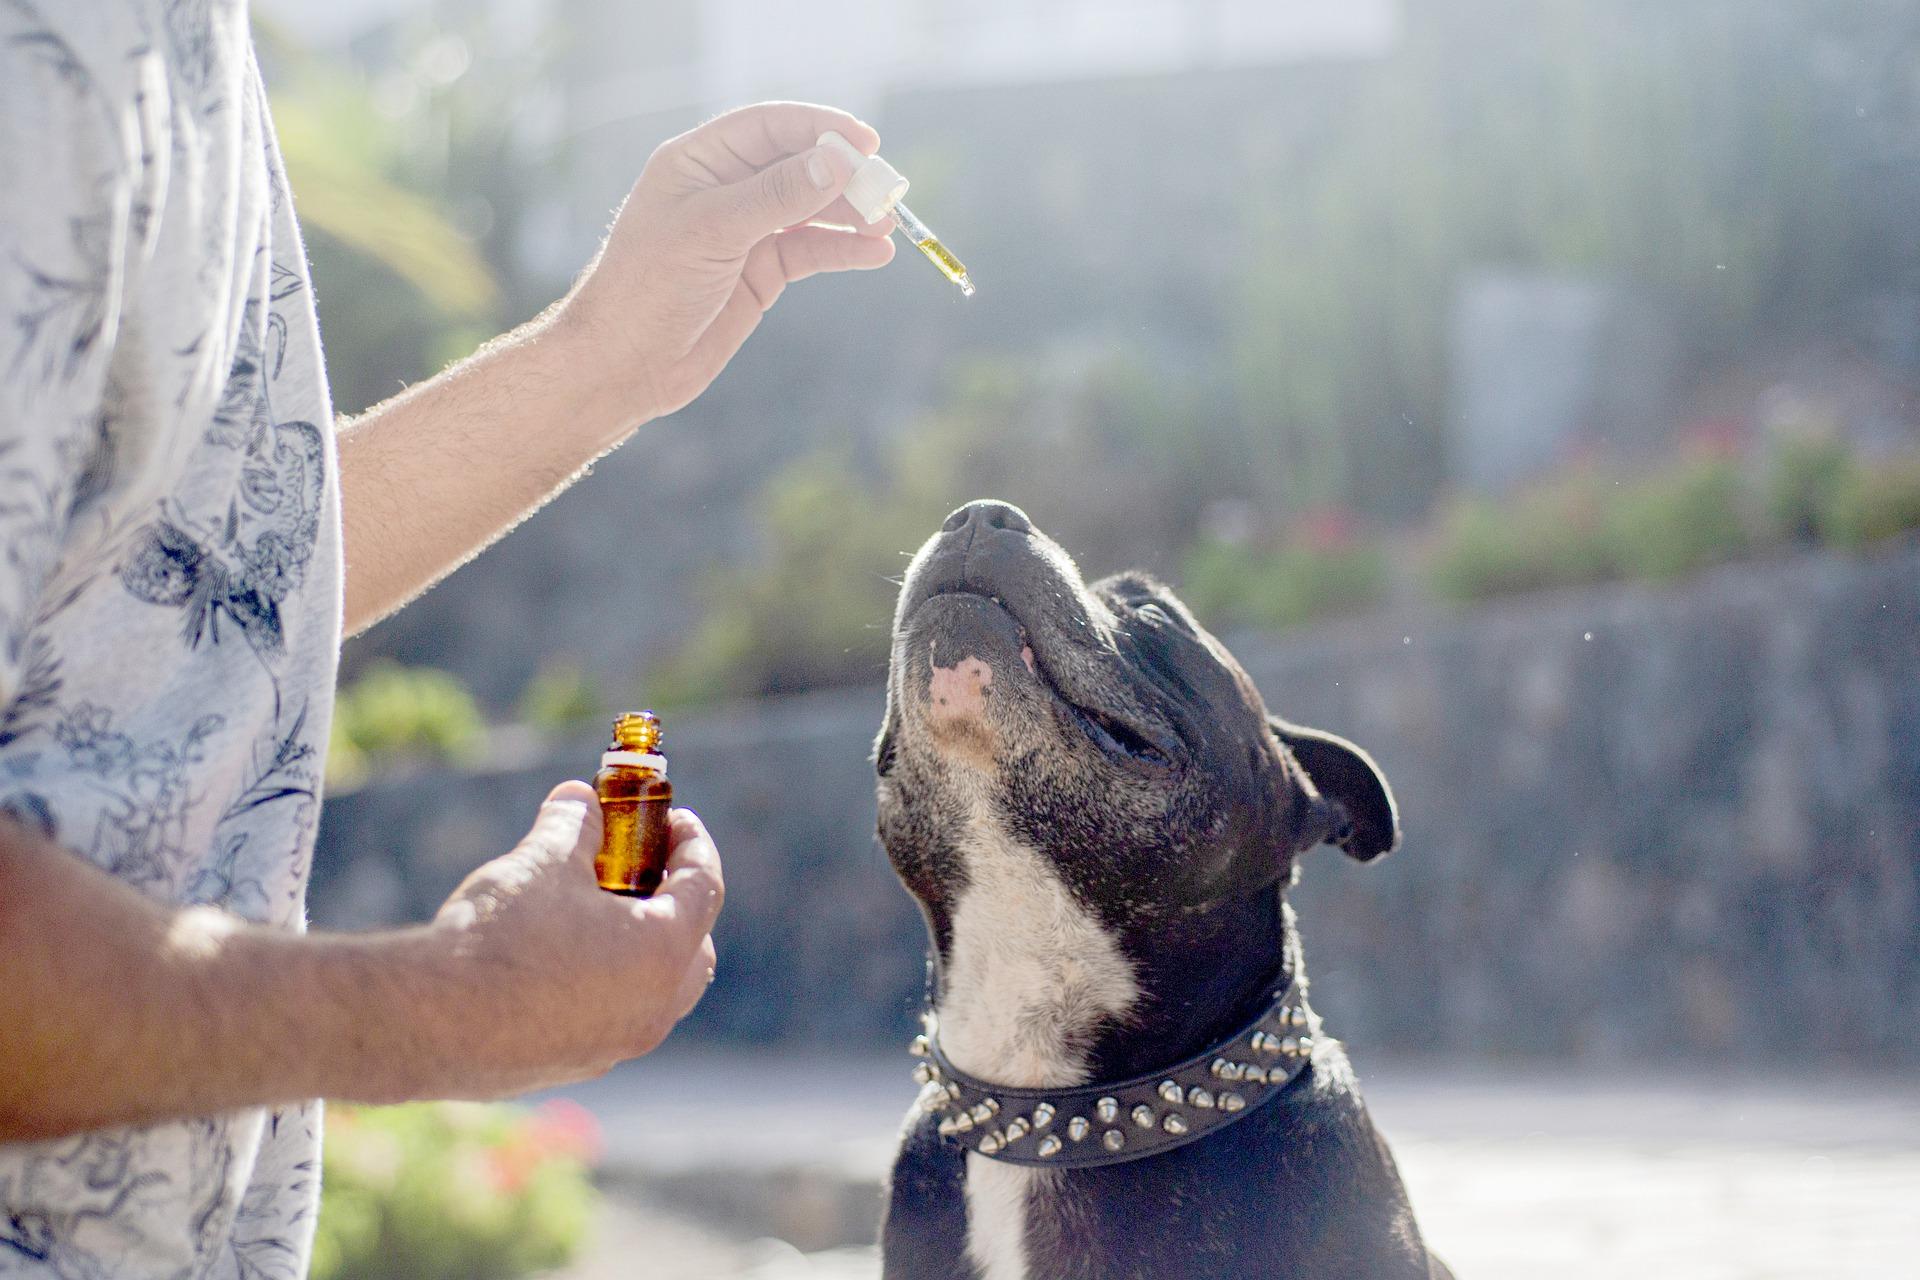 Bienfaits de l'huile de CBD sur les animaux